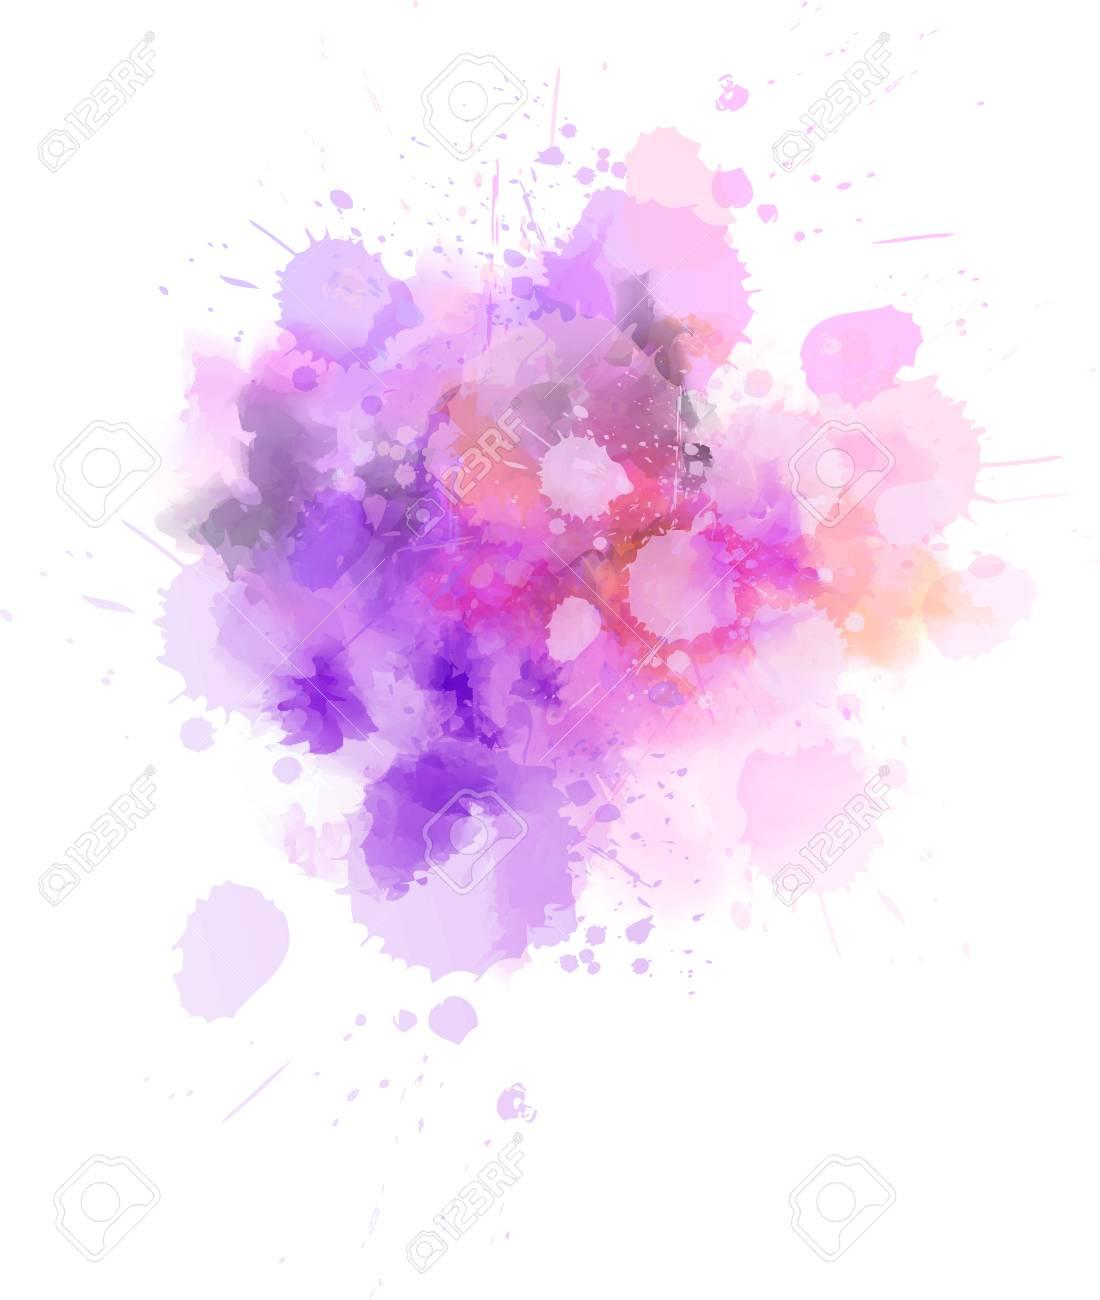 Pastel light watercolor paint splash. Template for your designs - 126542360